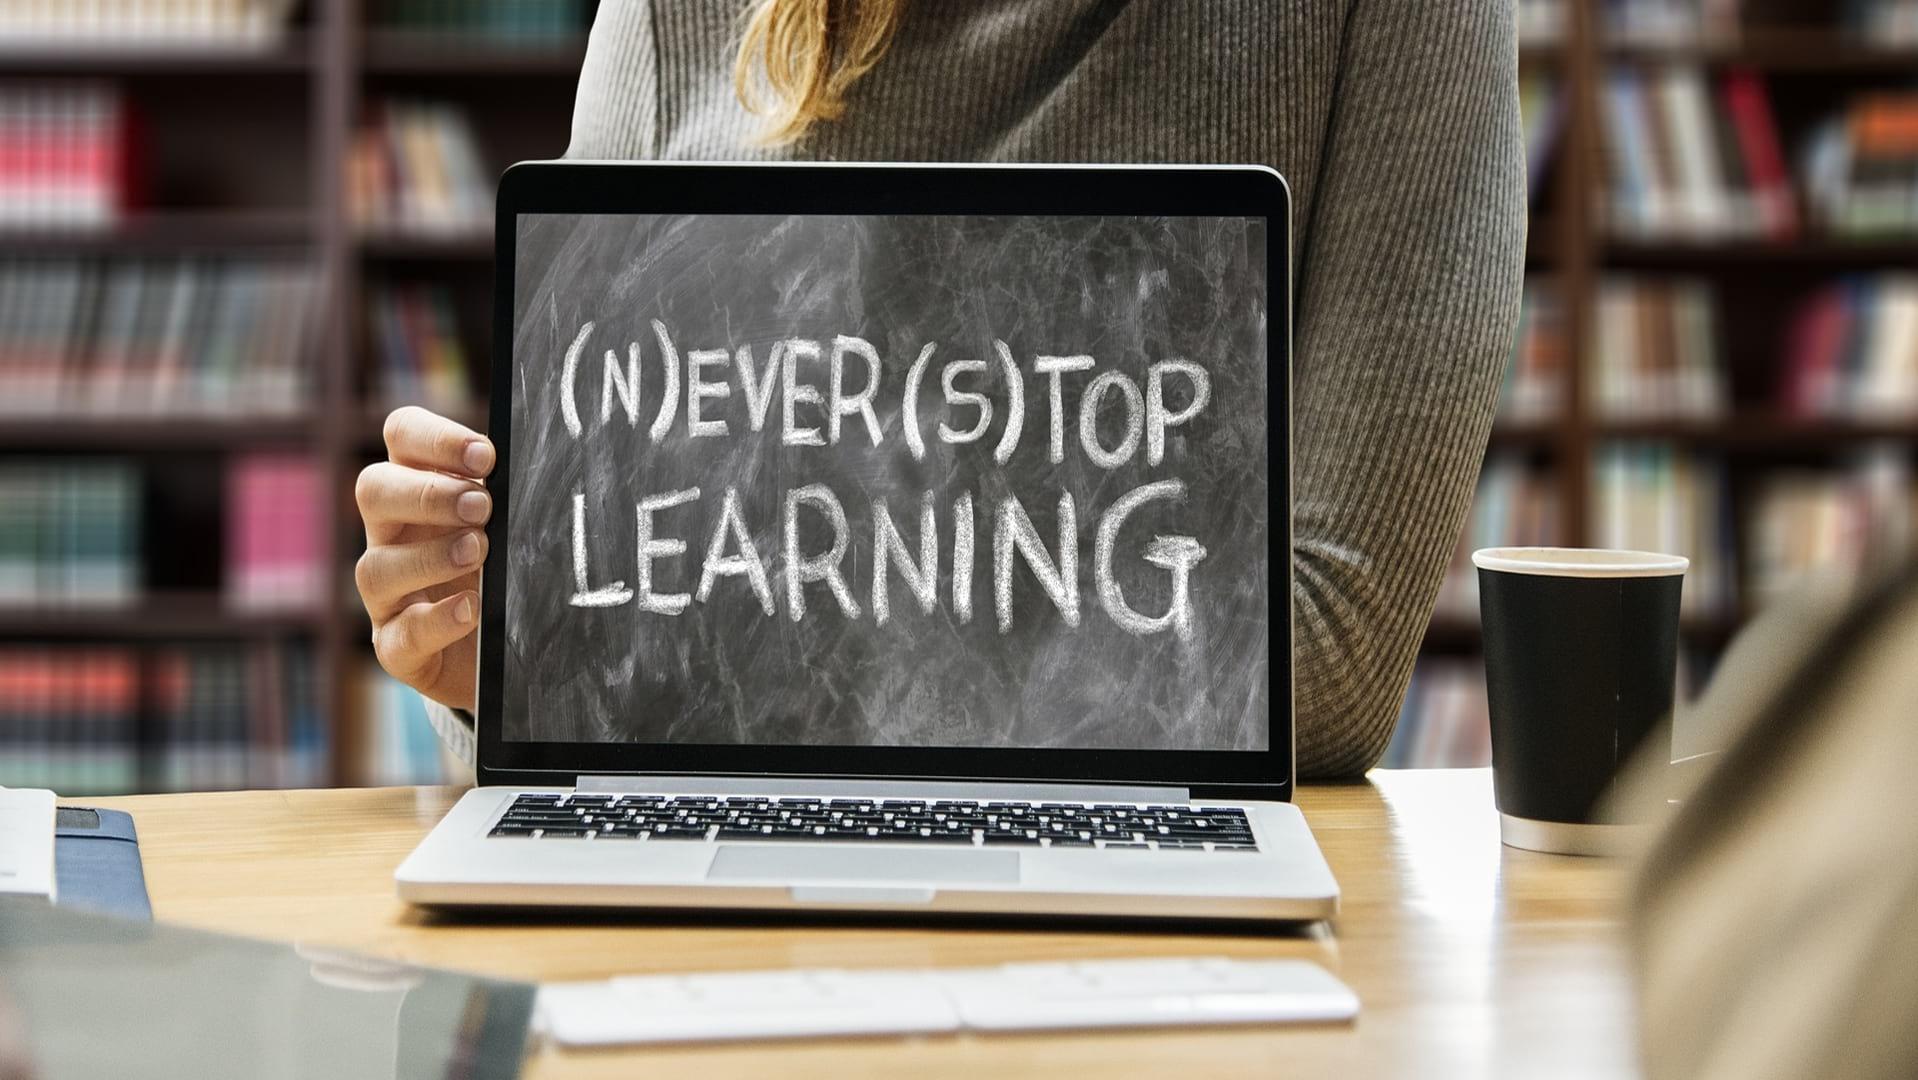 DMS: Digital learning platform